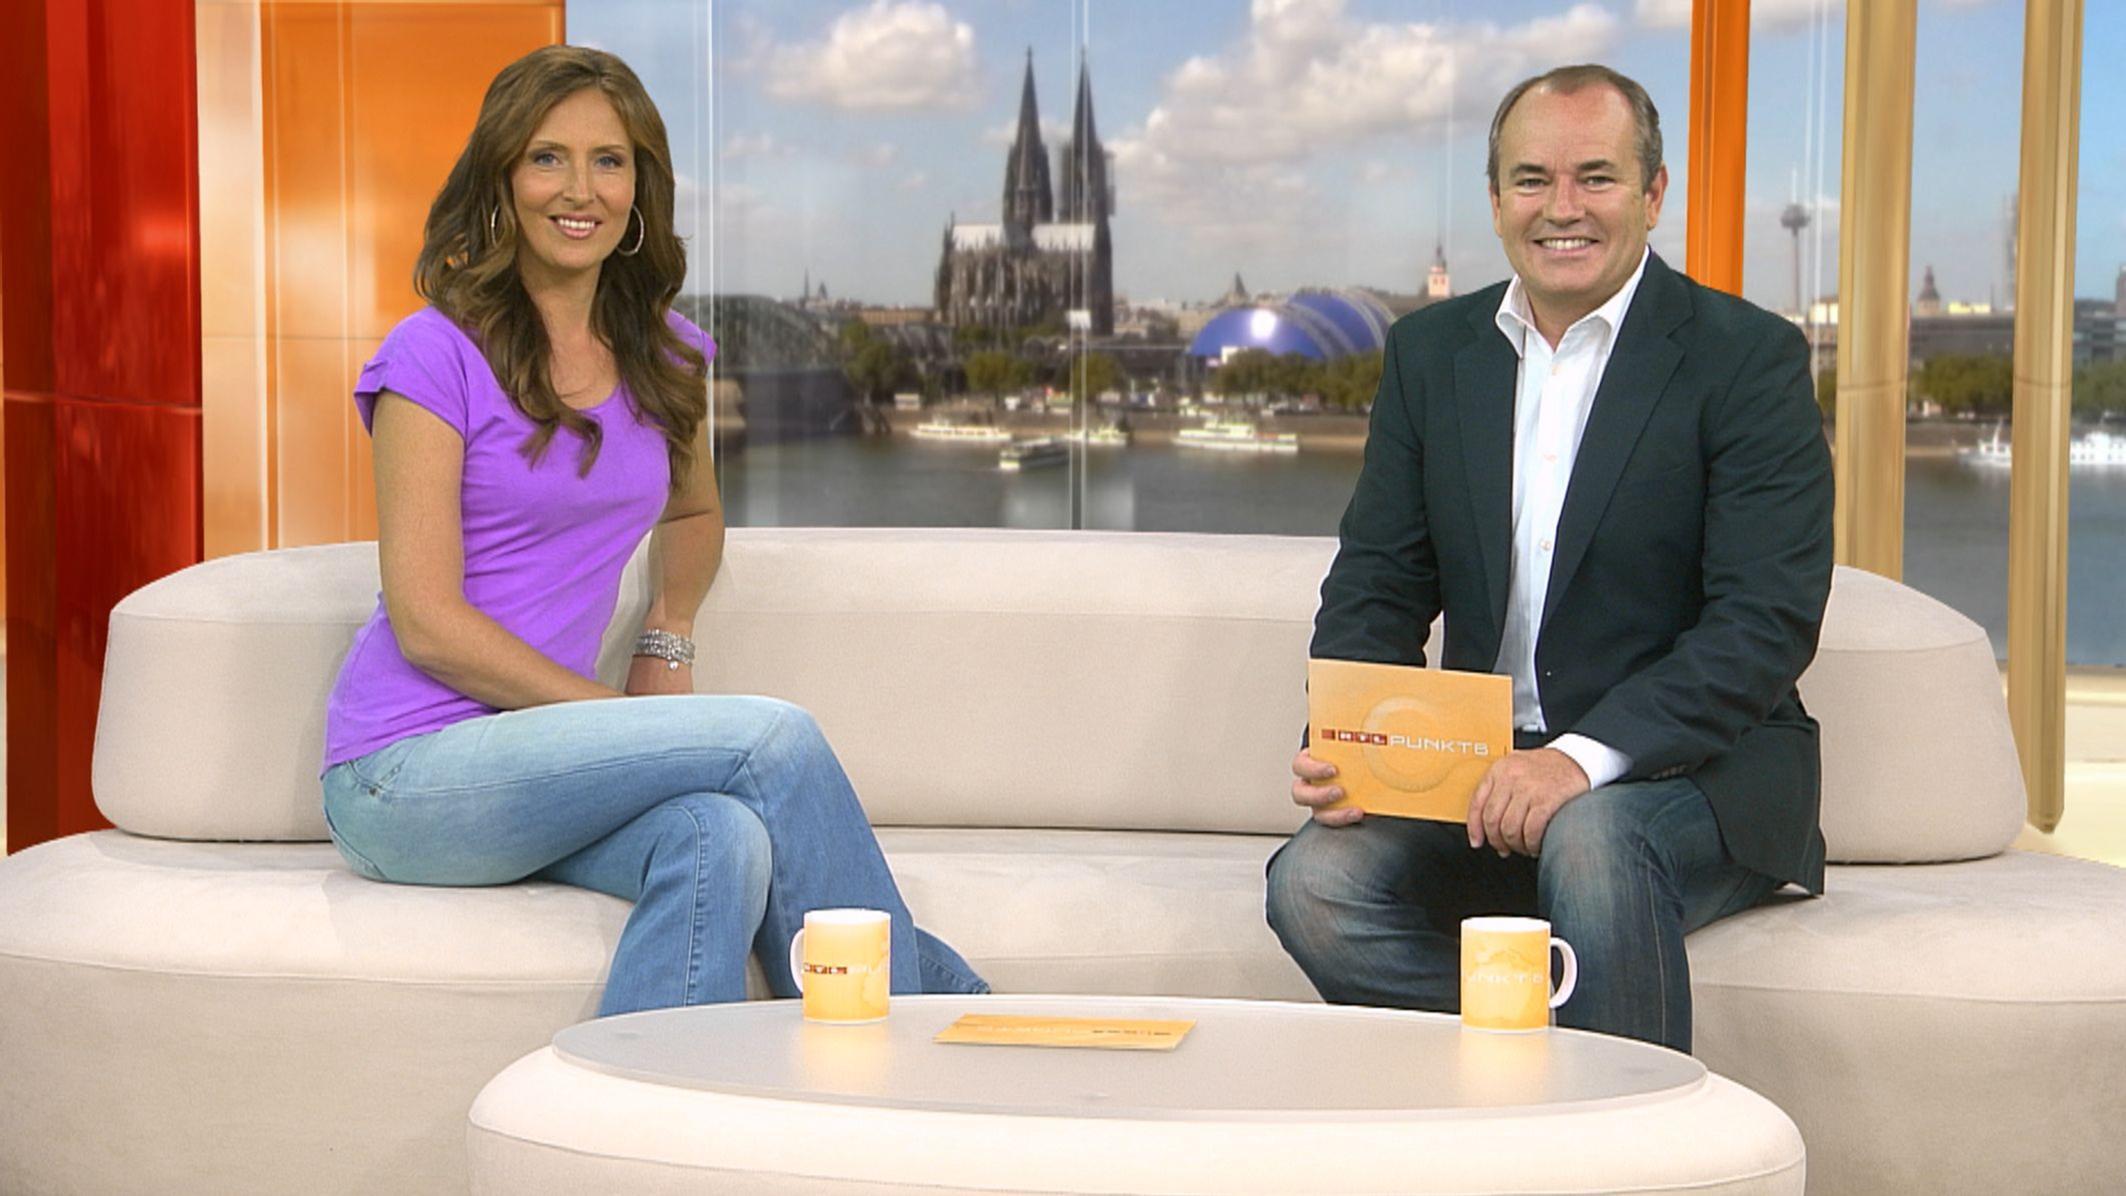 Rtl Programm Guten Morgen Deutschland Stars On Tv